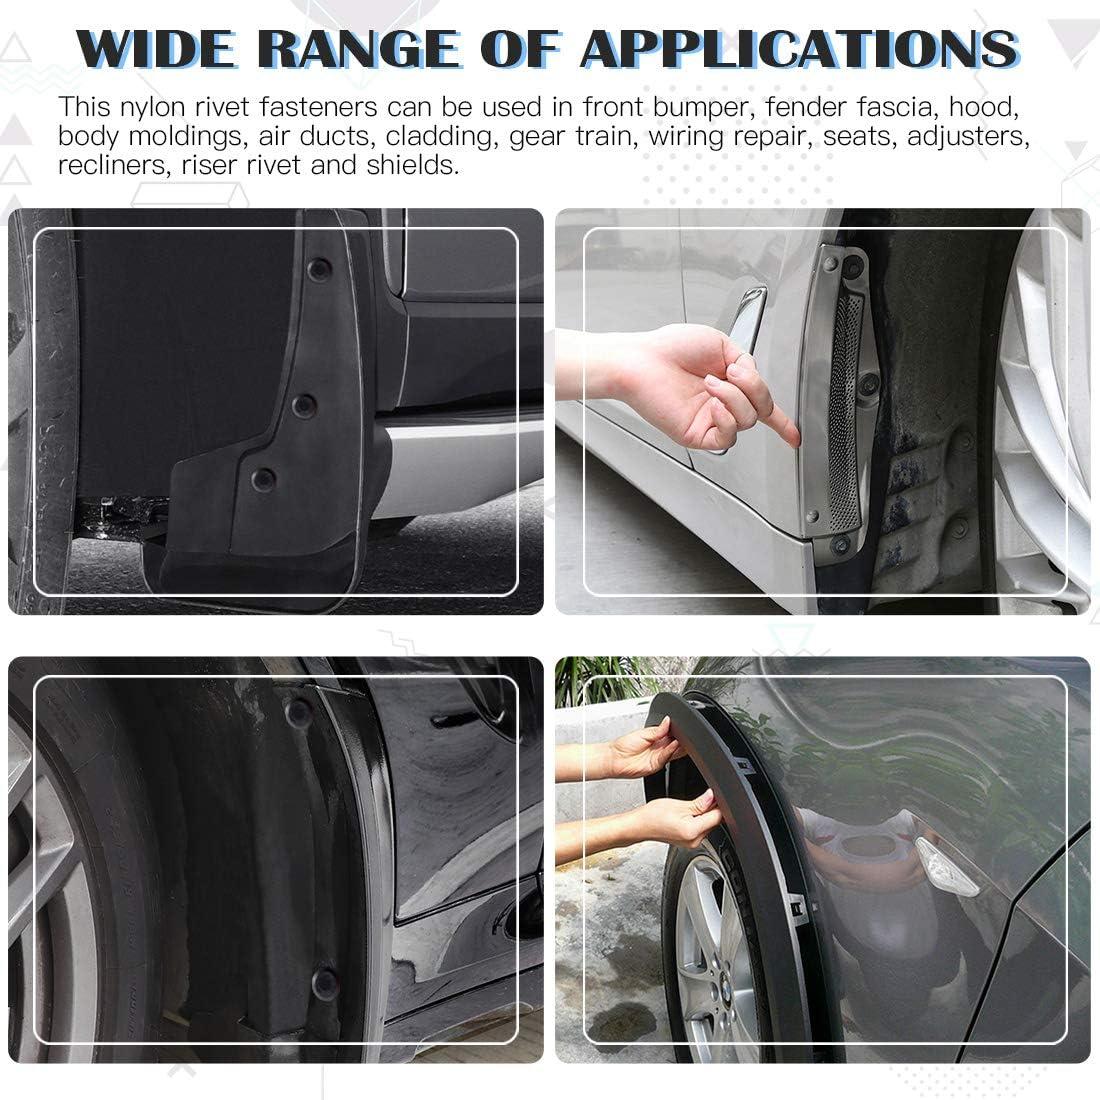 Glarks 120Pcs 6 Sizes Black Nylon Pop Rivet Assortment Plastic Rivet Clip Nylon Blind Rivets Compatible with GM Ford Chrysler VW